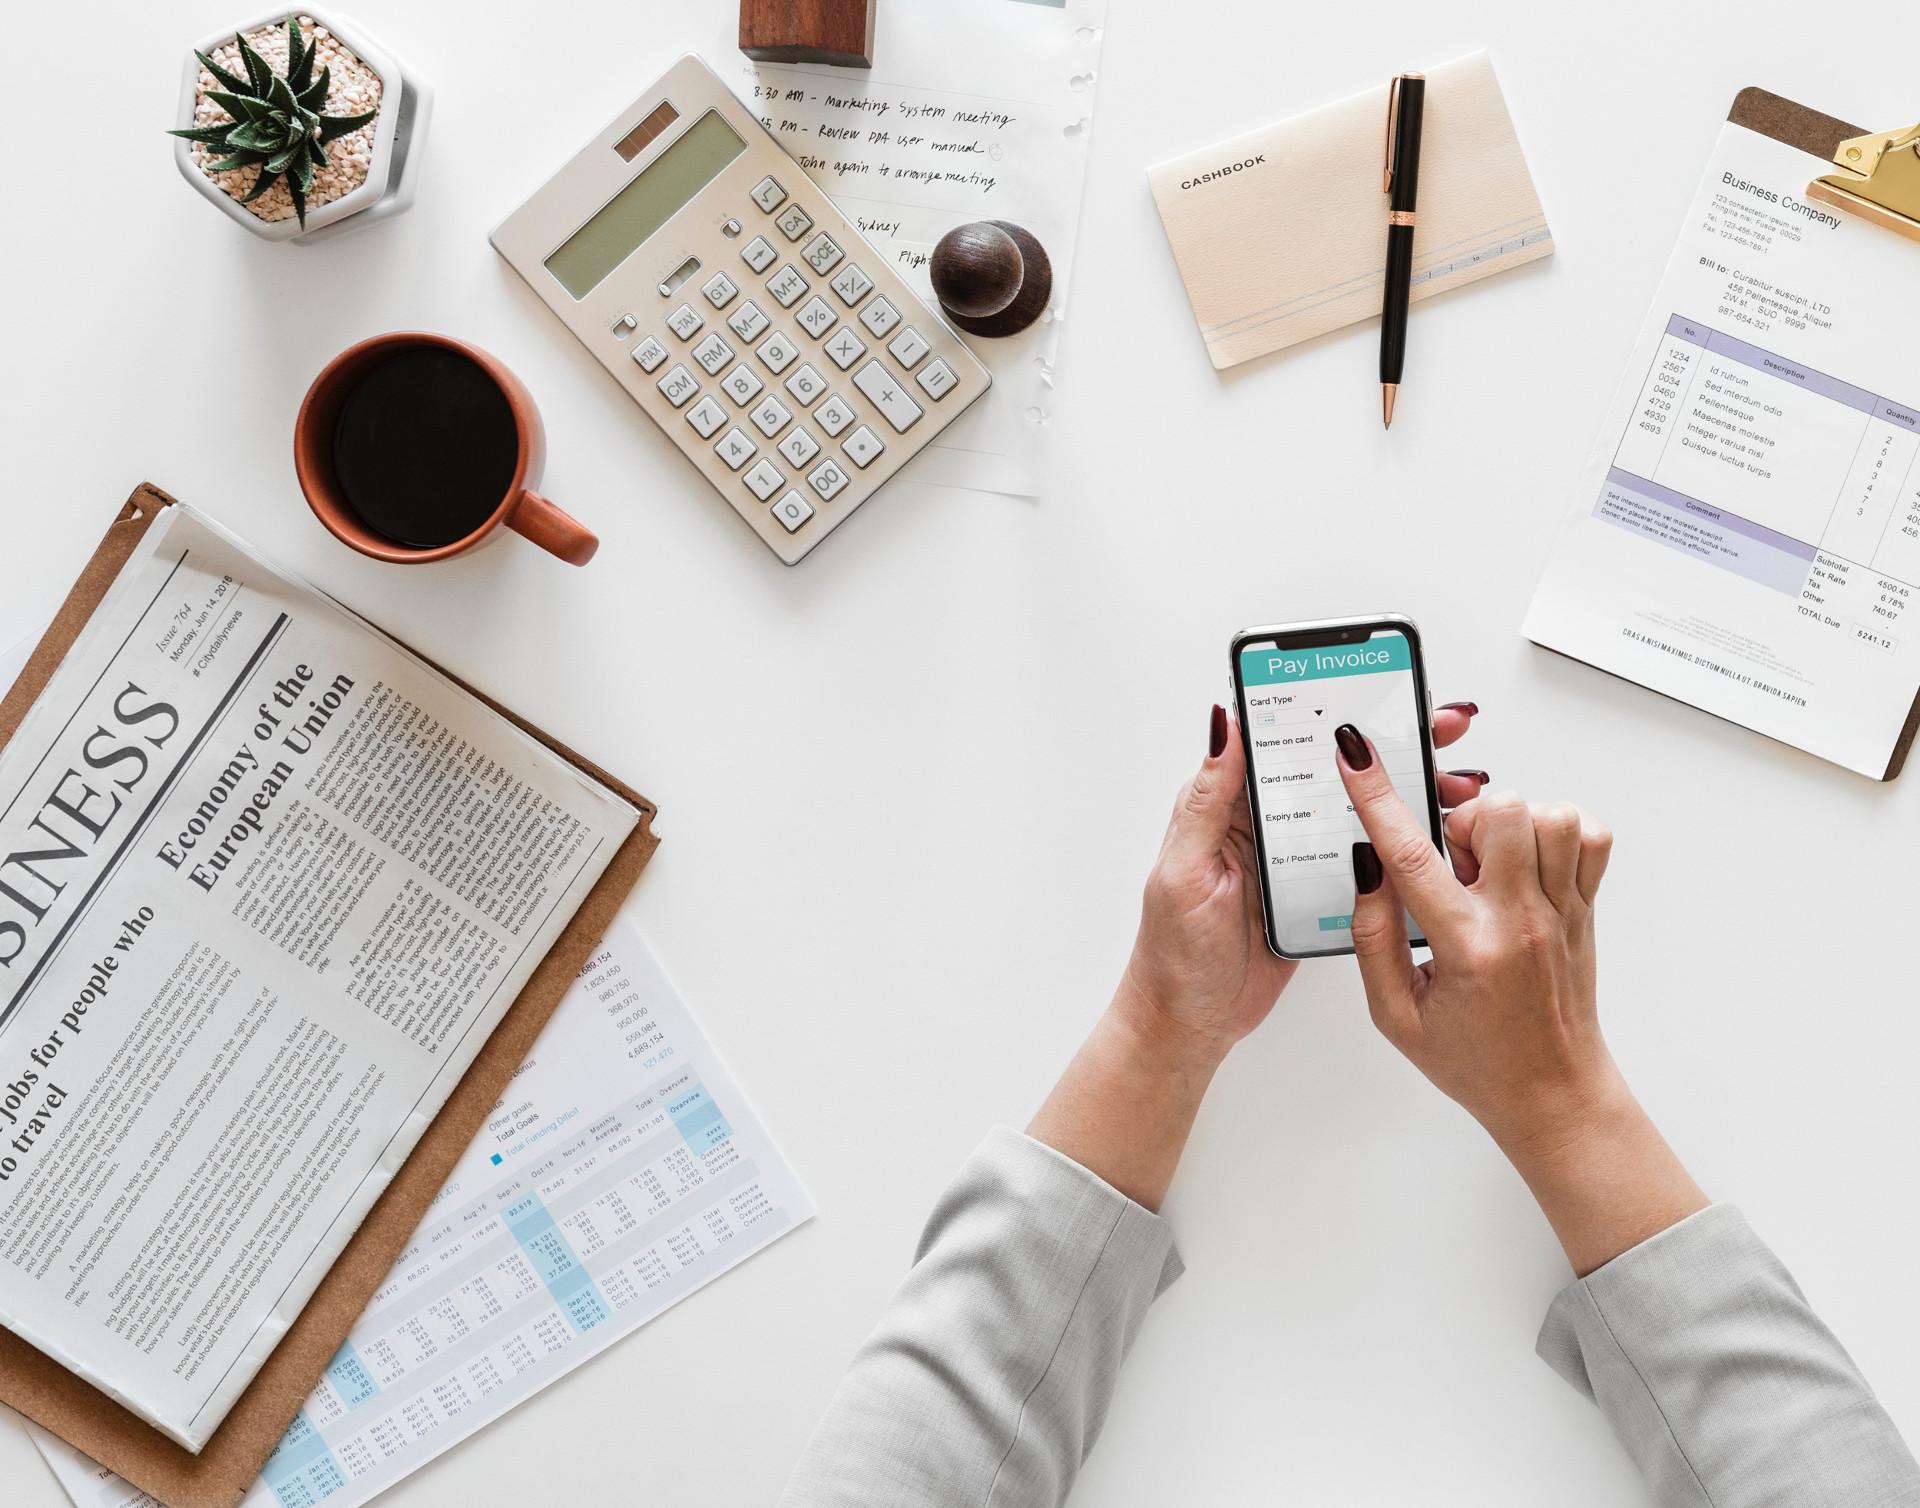 適切な顧客管理方法とは?4つの顧客管理方法とそのメリットをご紹介  Senses Lab.  top